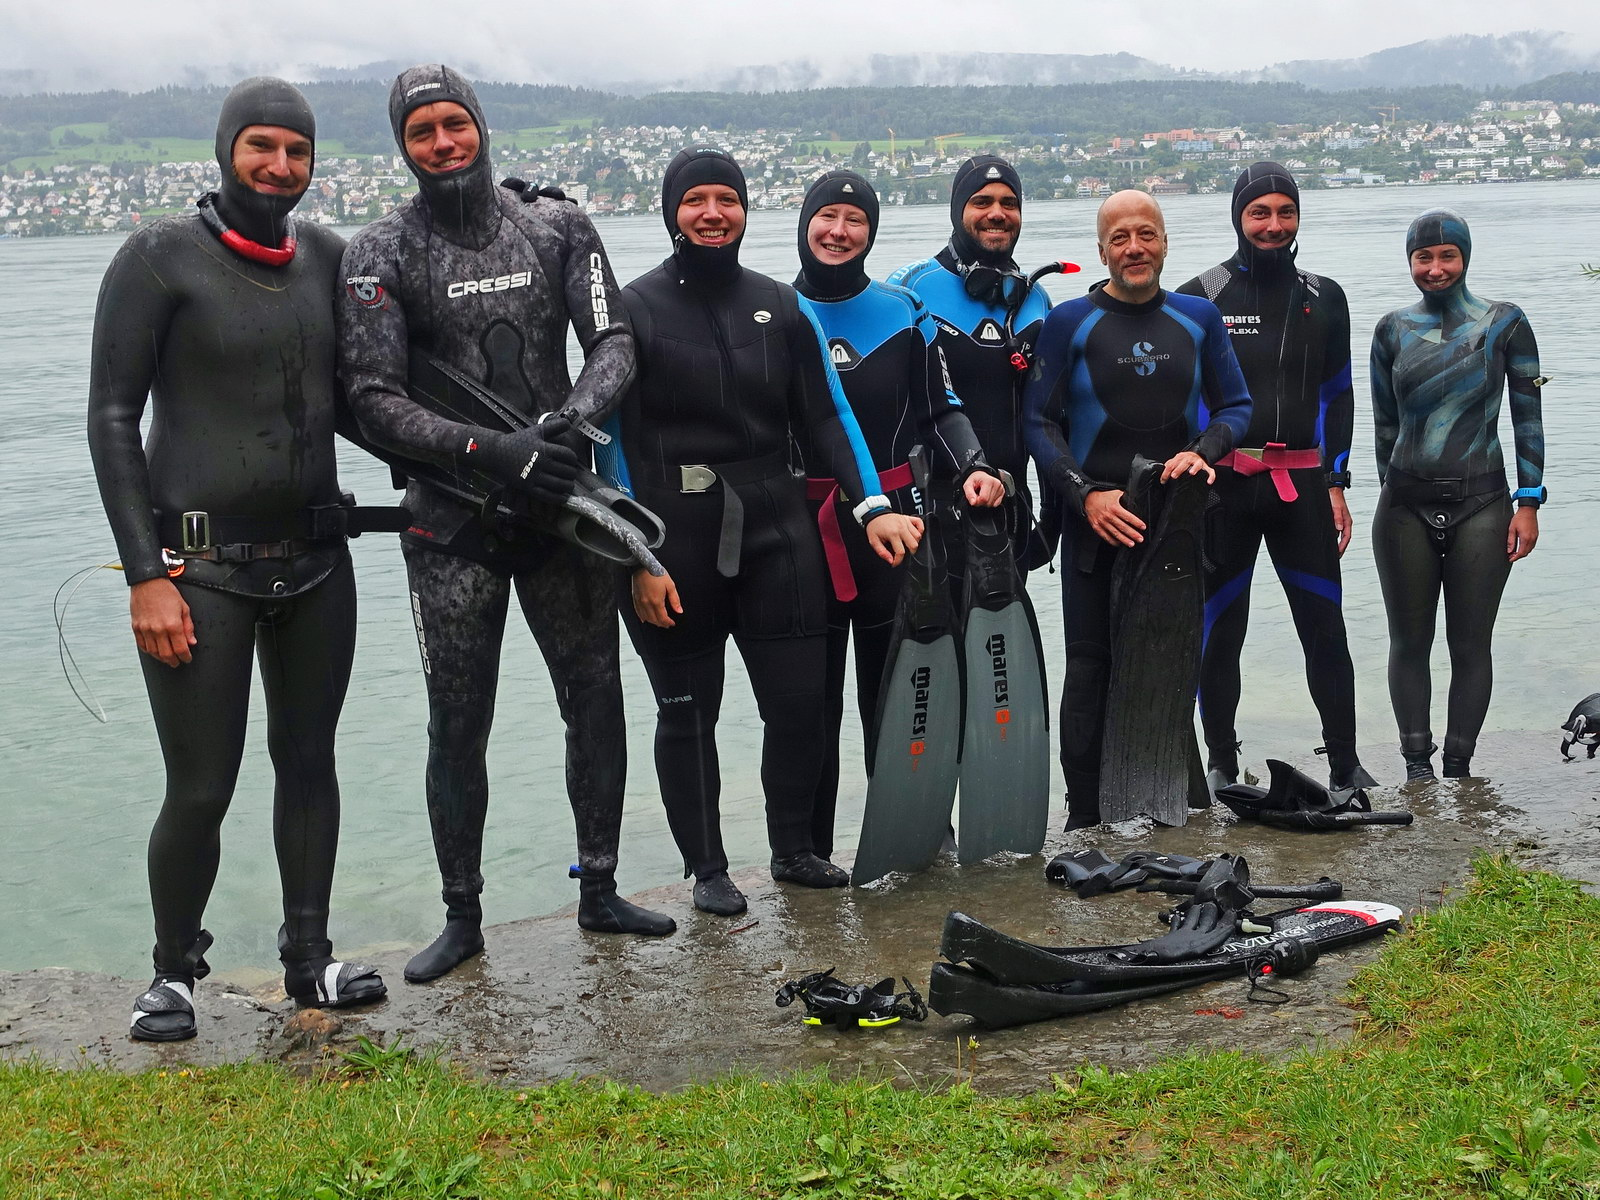 Apnoetaucher stehen am Zürichsee